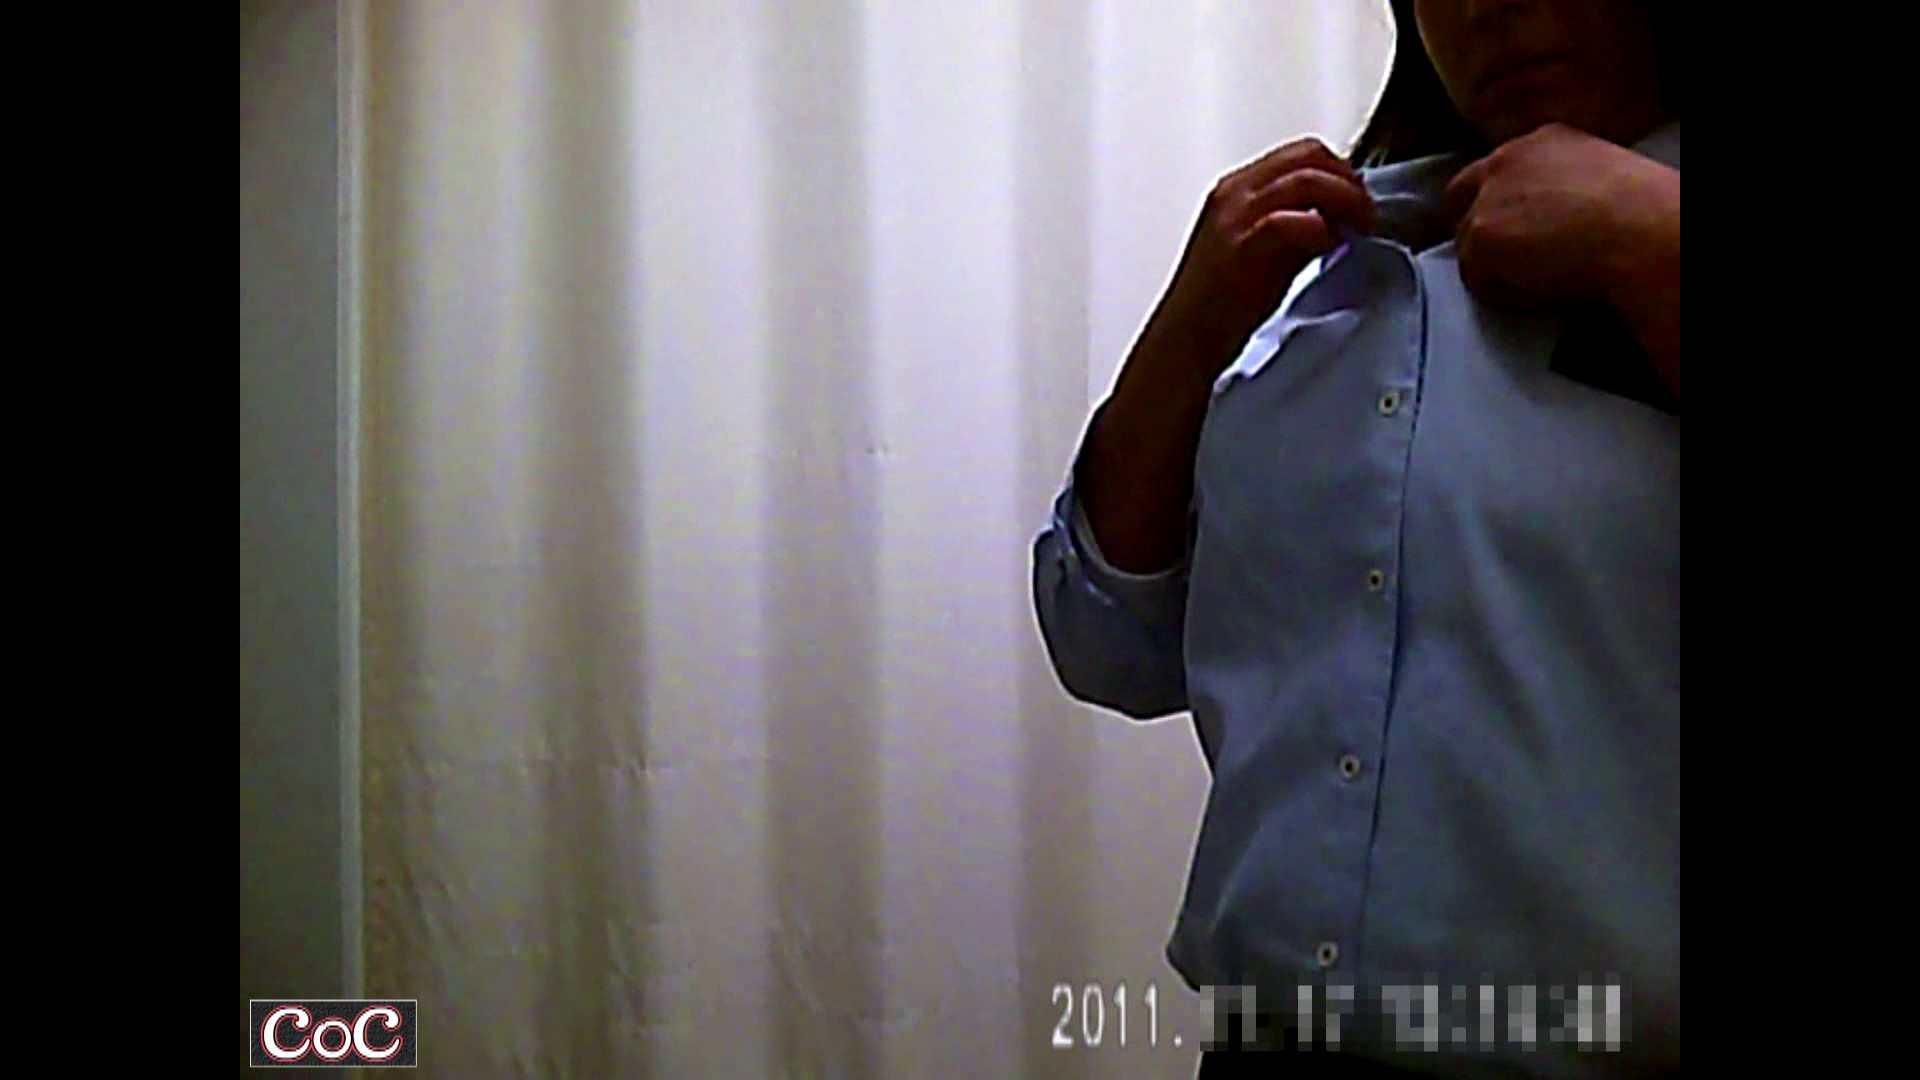 元医者による反抗 更衣室地獄絵巻 vol.200 OL  91pic 29